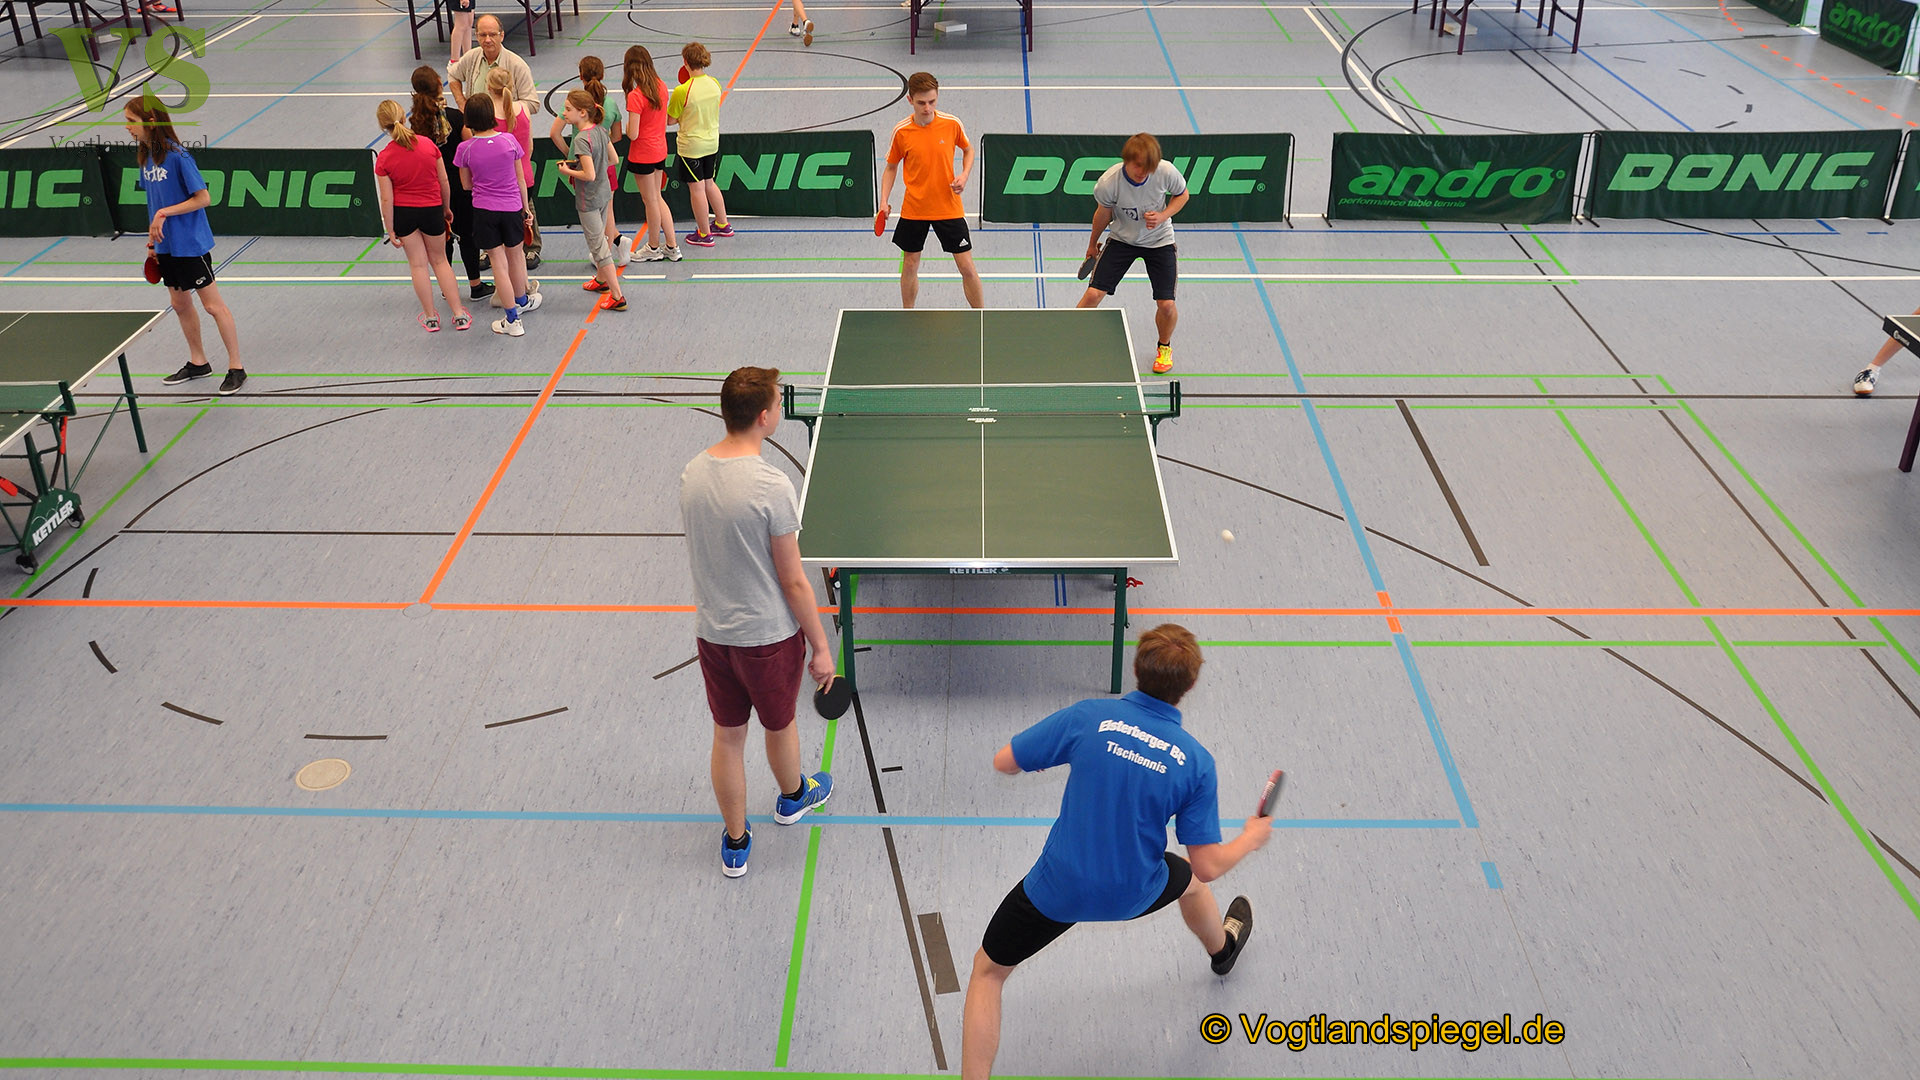 Kreisjugendspiele in den Sommersportarten offiziell eröffnet